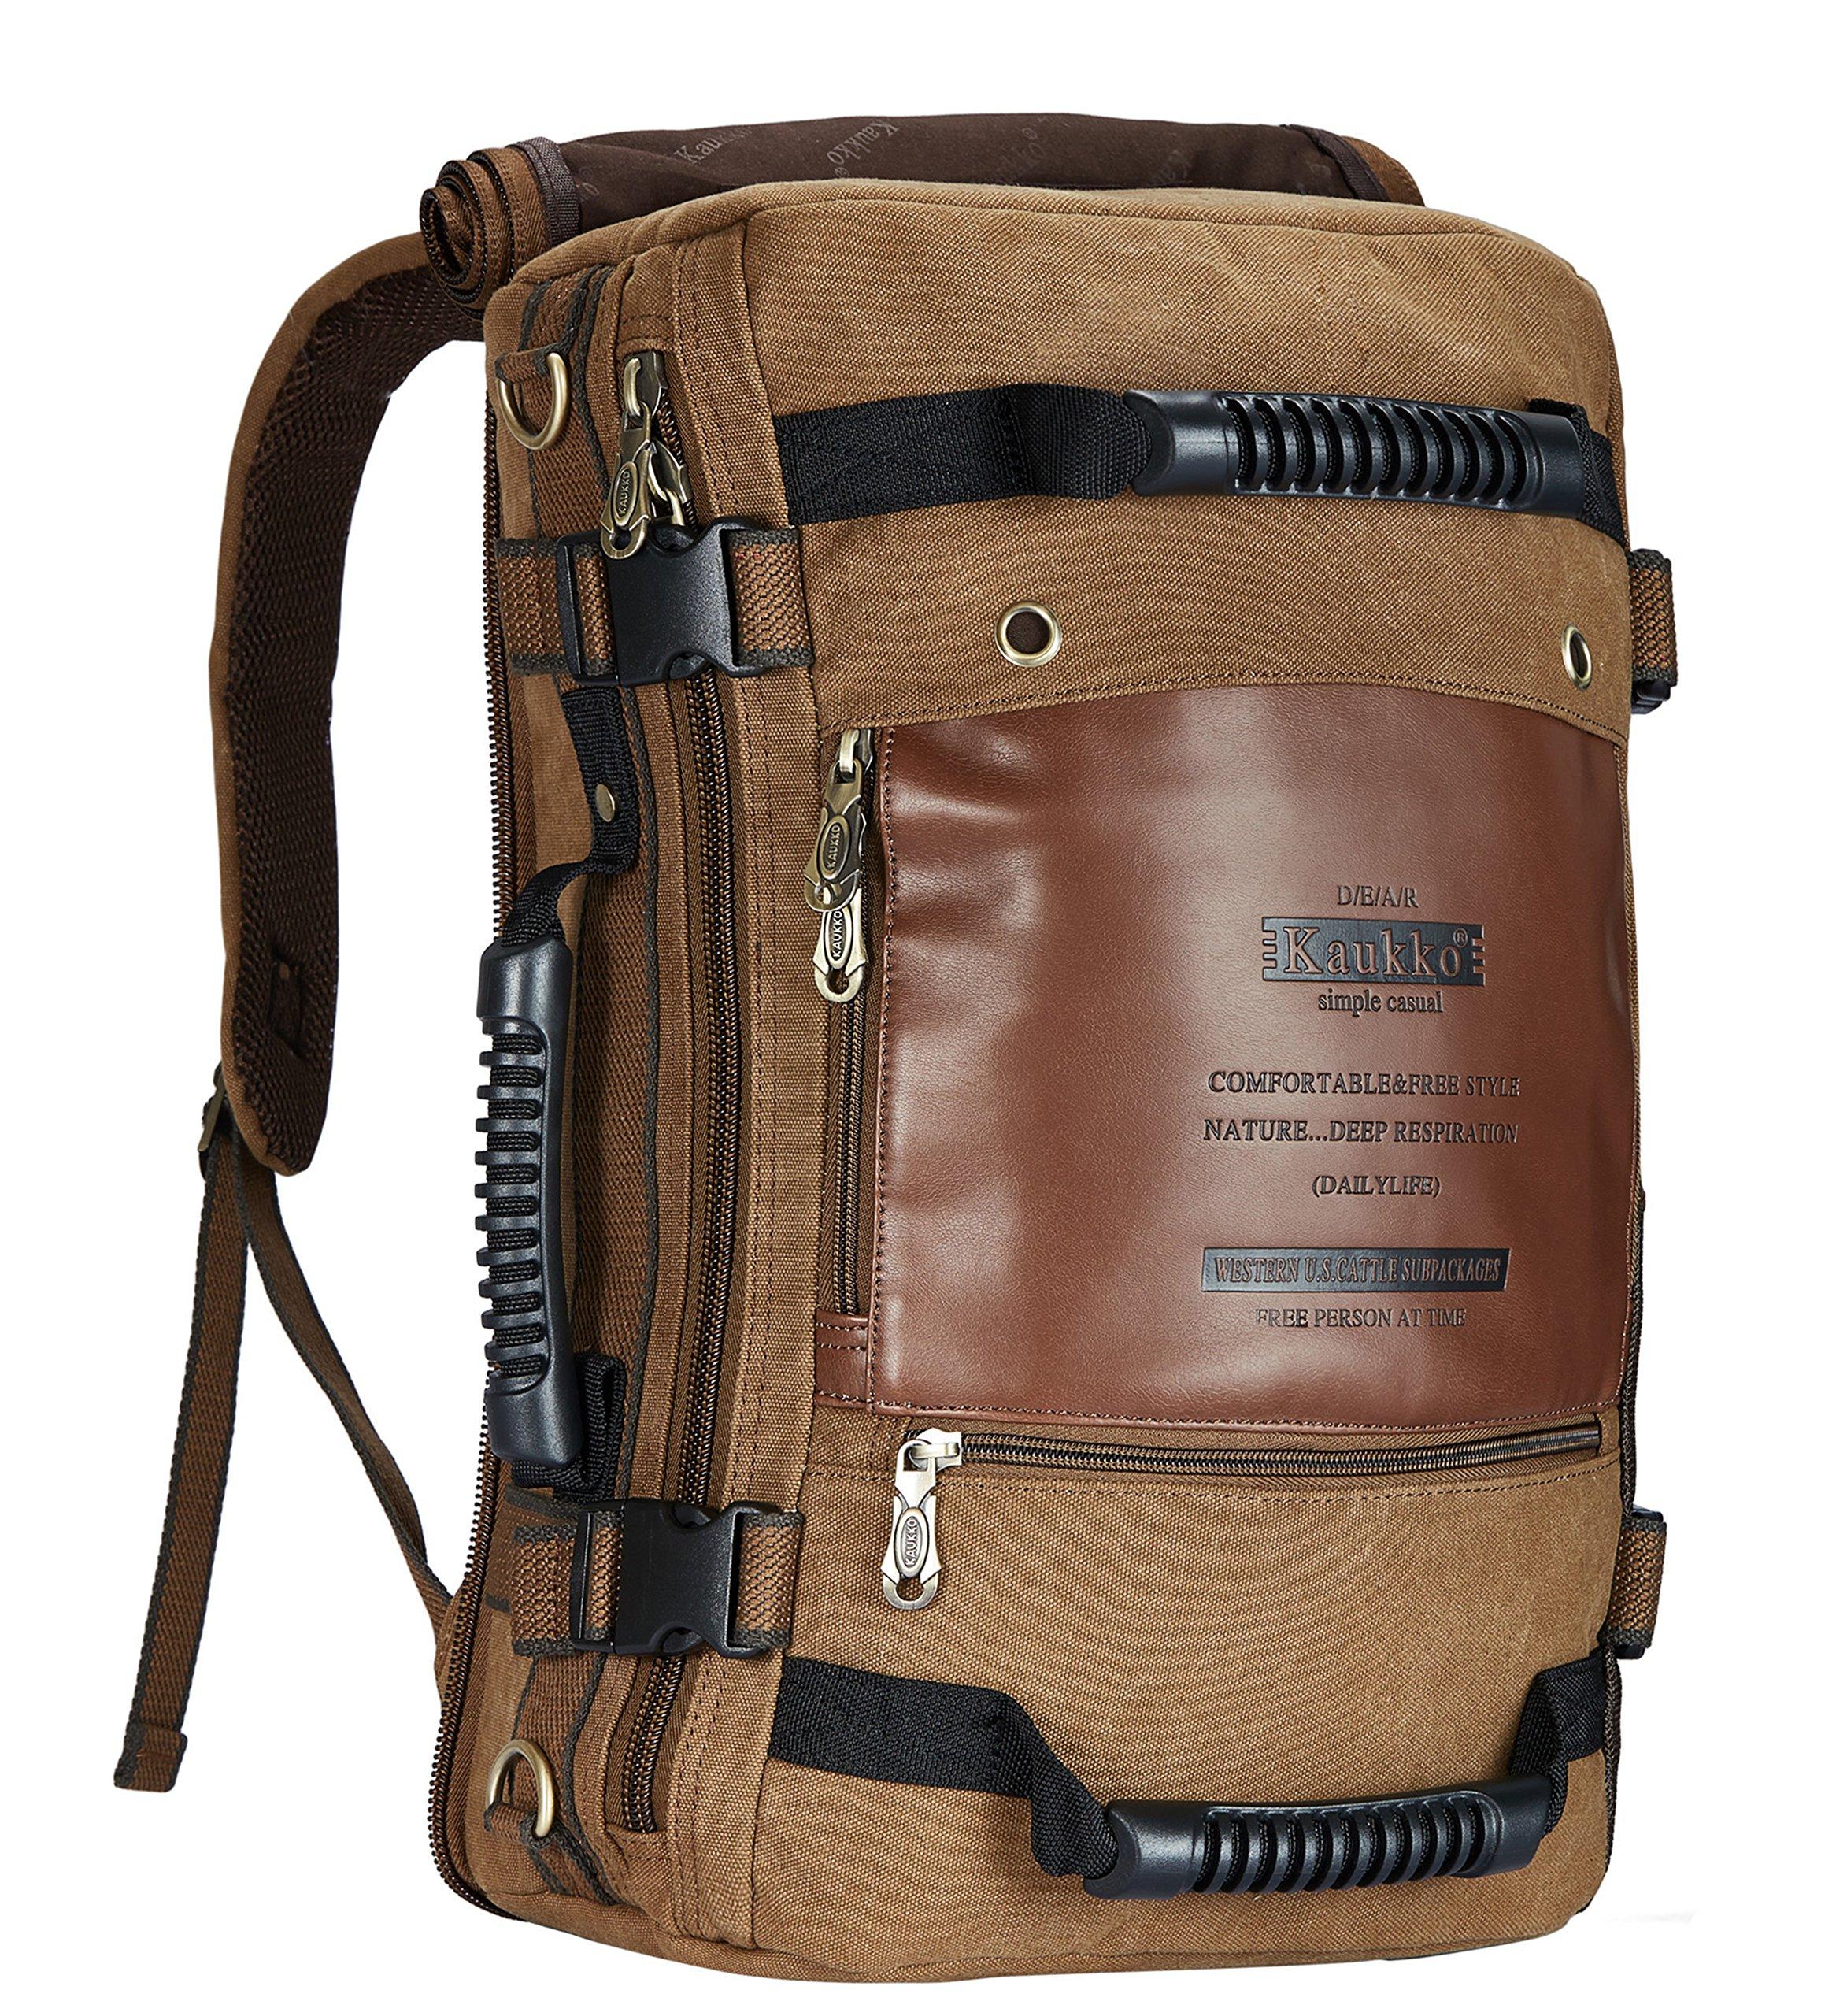 d67235041c20 Kaukko Bags - KAUKKO Outdoor Travel Men Backpack